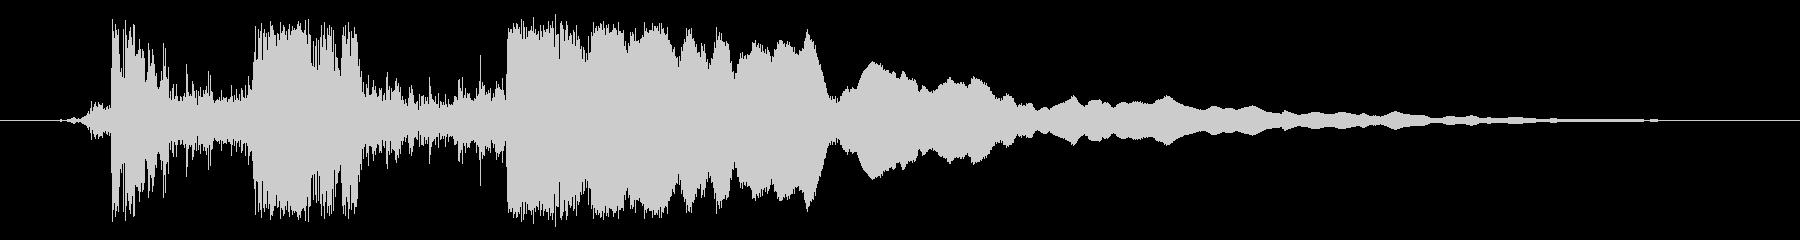 ガチーン(レジスター)の未再生の波形